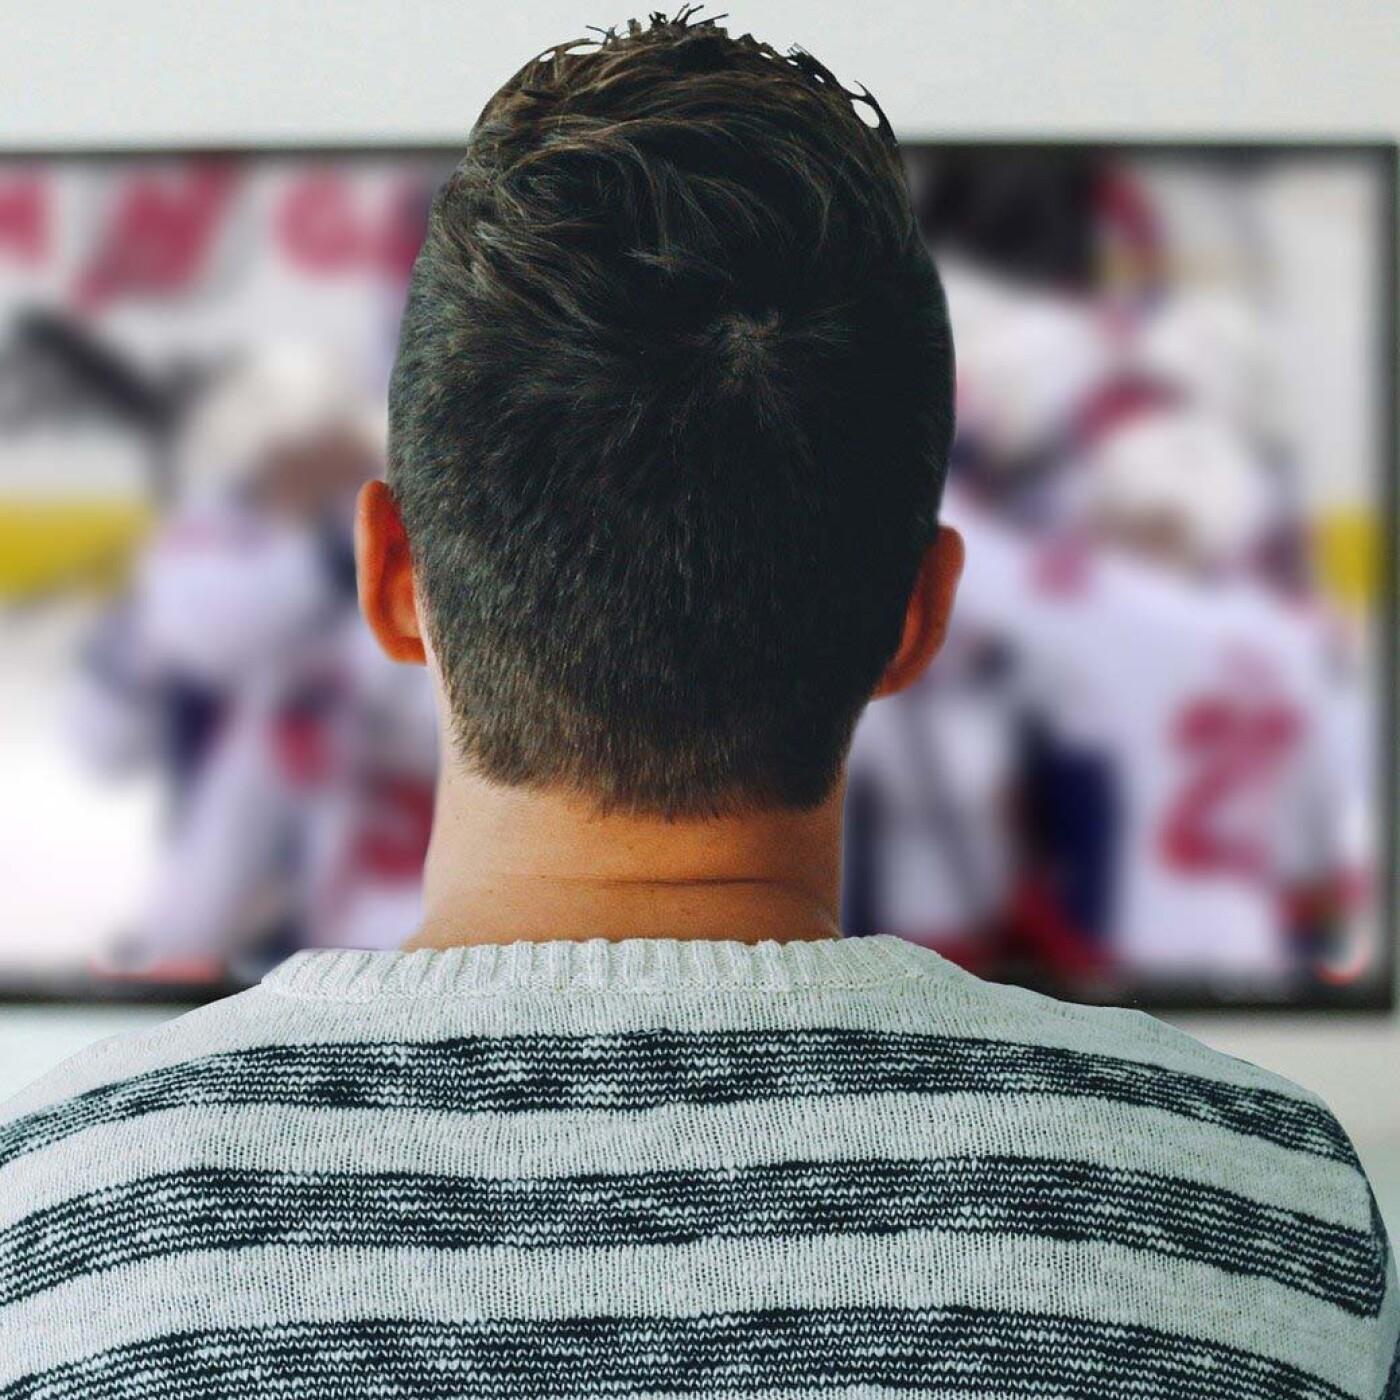 Émissions télé : quelles nouveautés cette rentrée ?